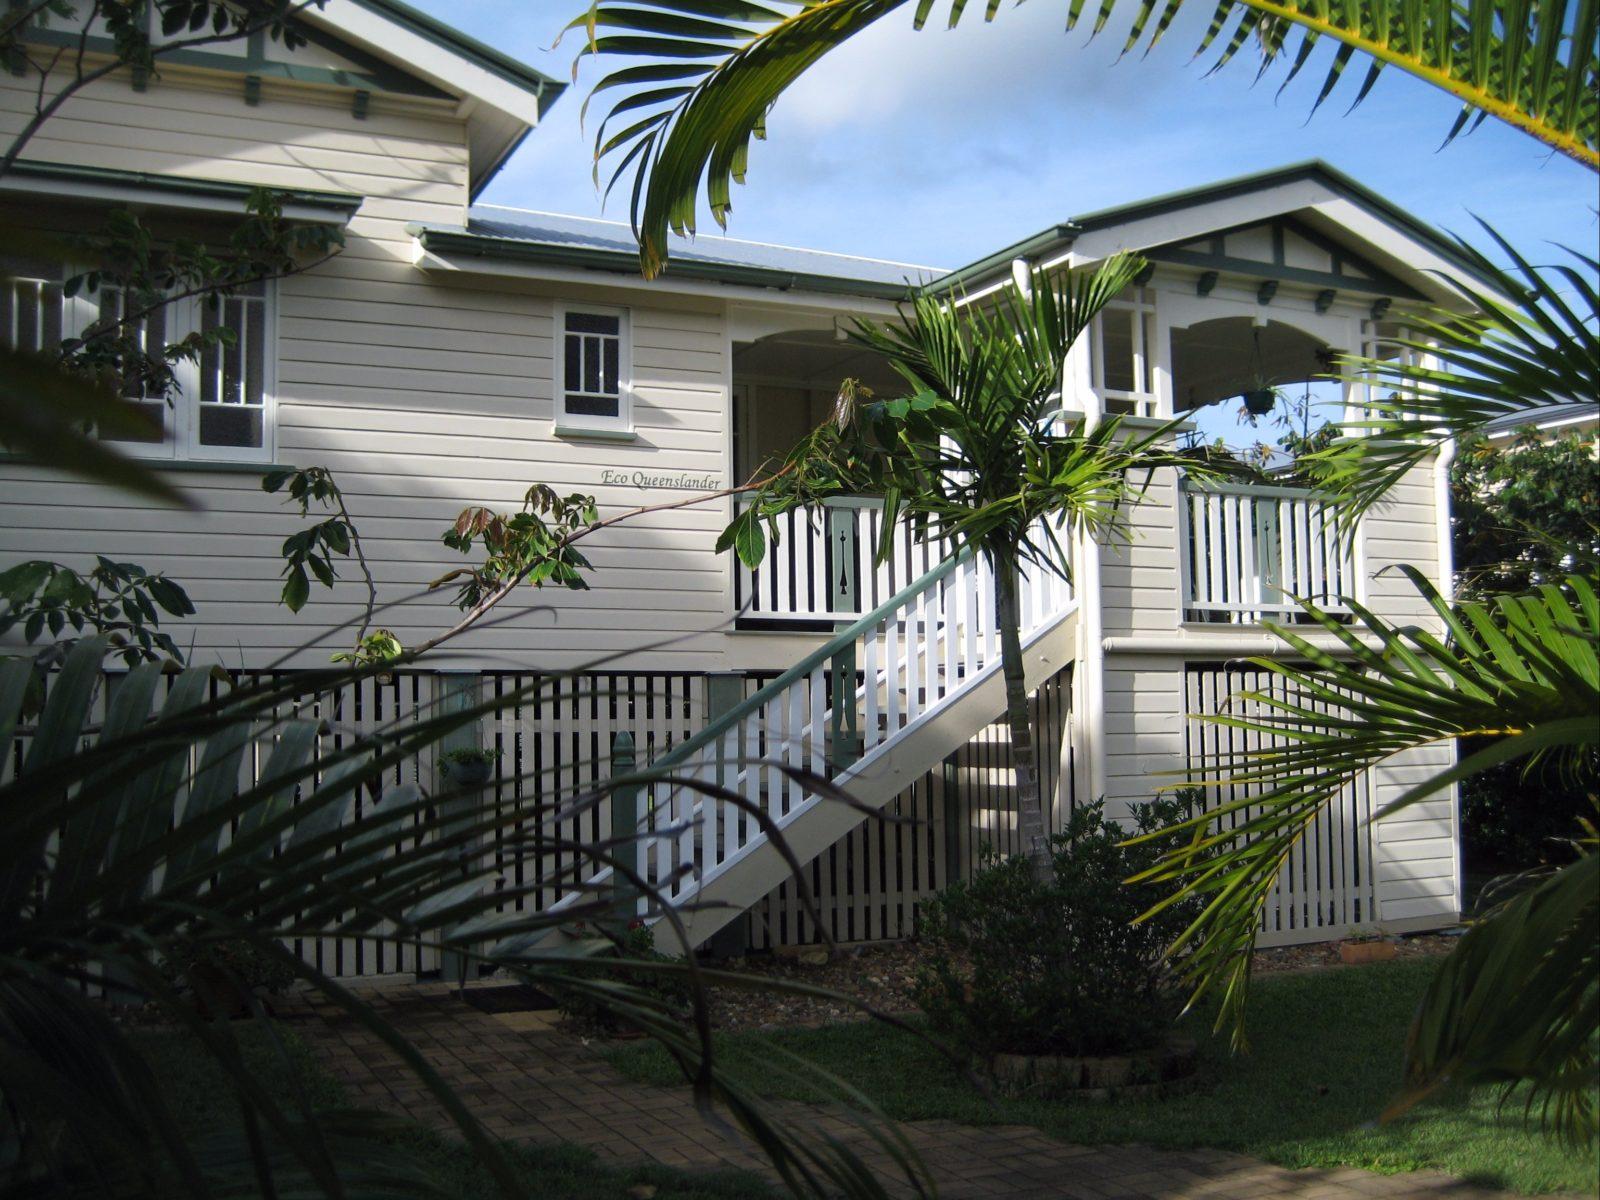 Eco Queenslander, Street view